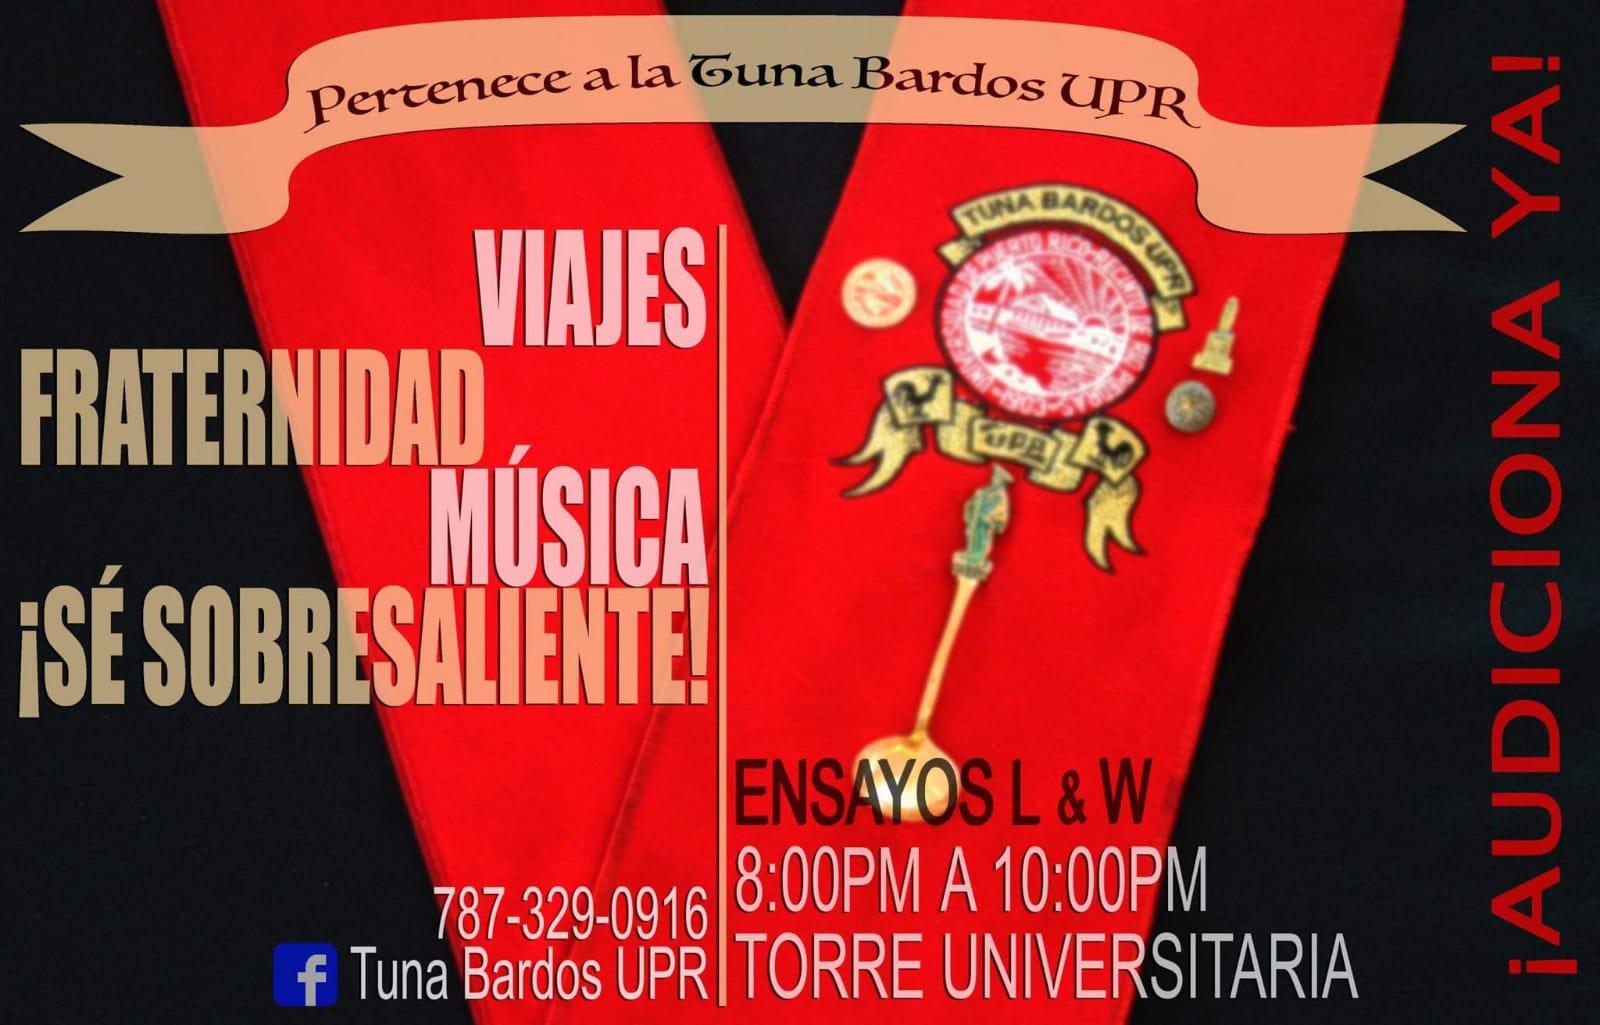 Flyer de audicones Tuna Bardos UPR